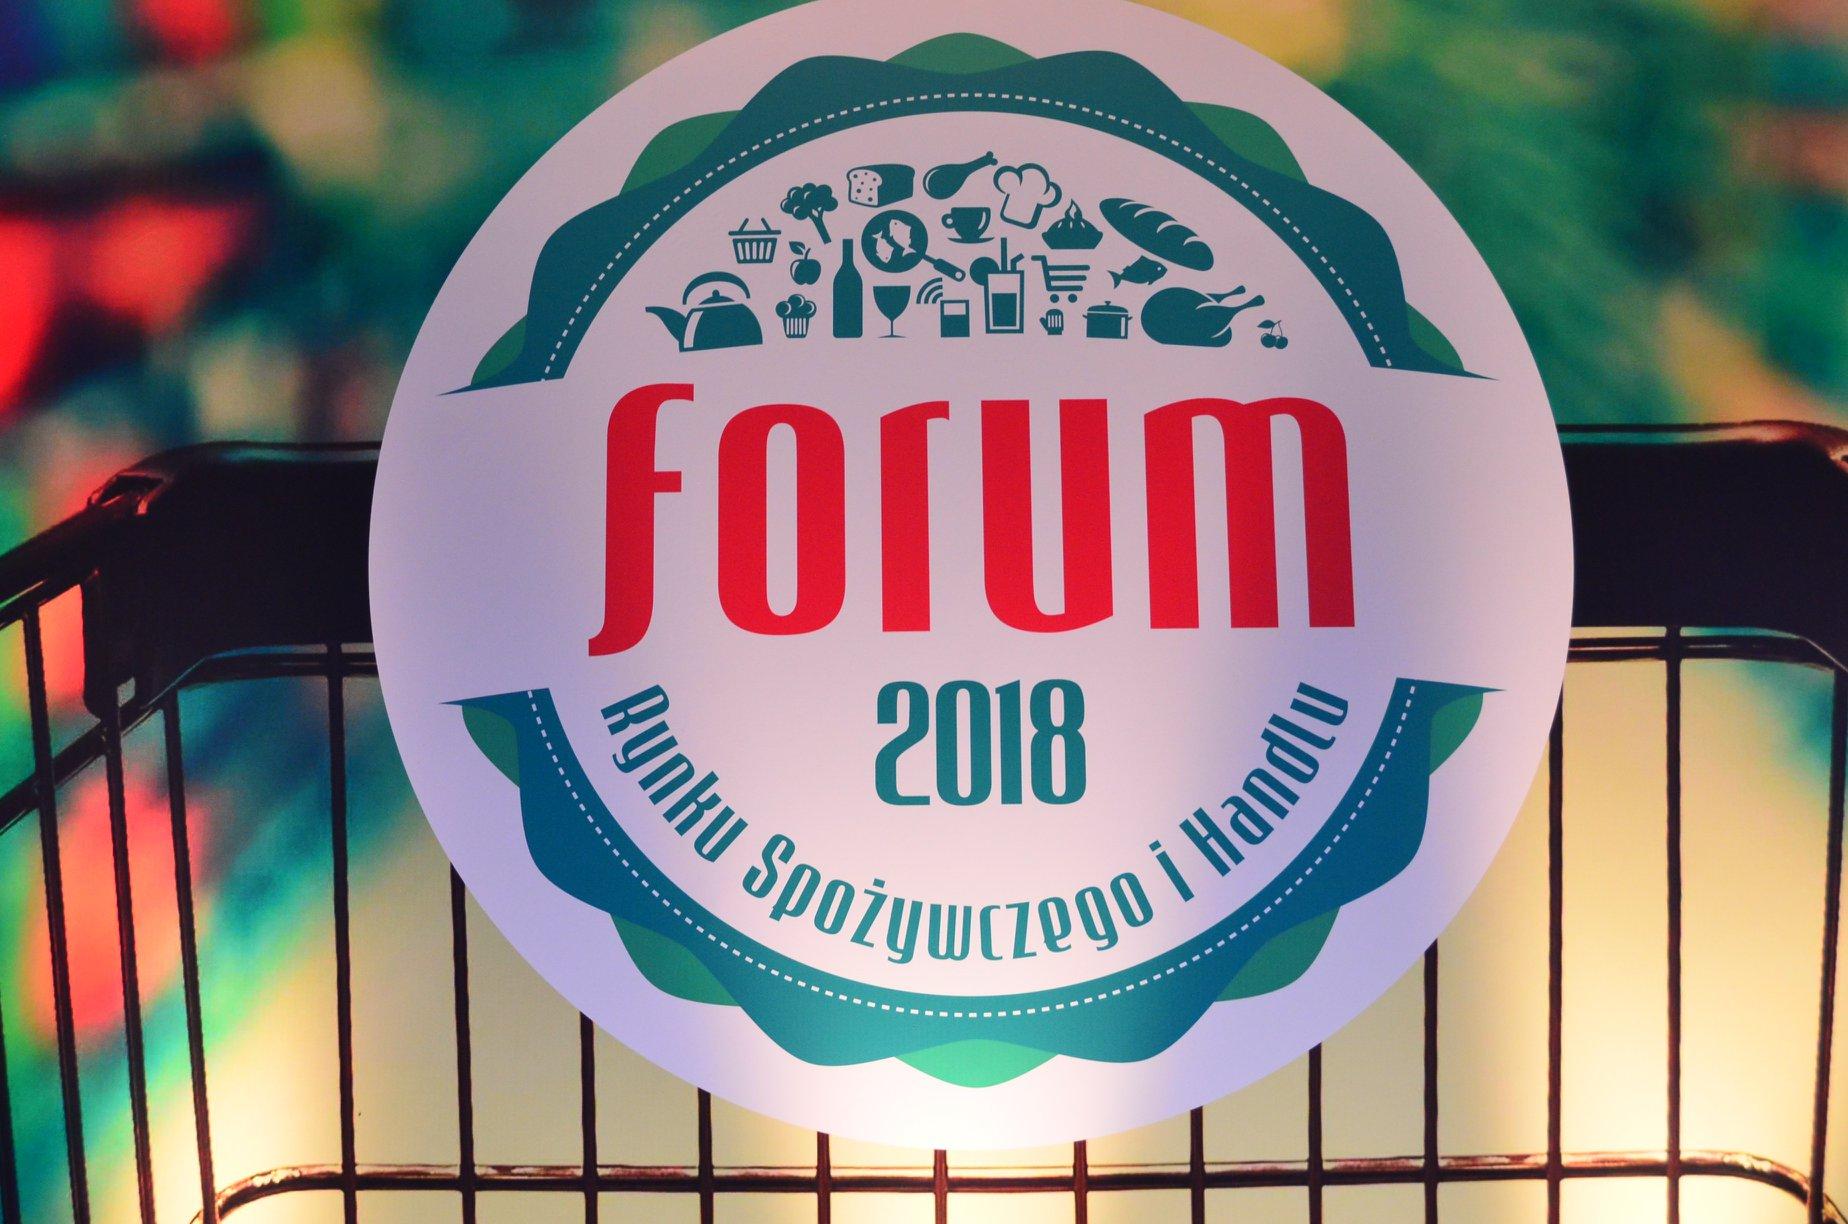 forum-2018-nagroda-rynku-spozywczego